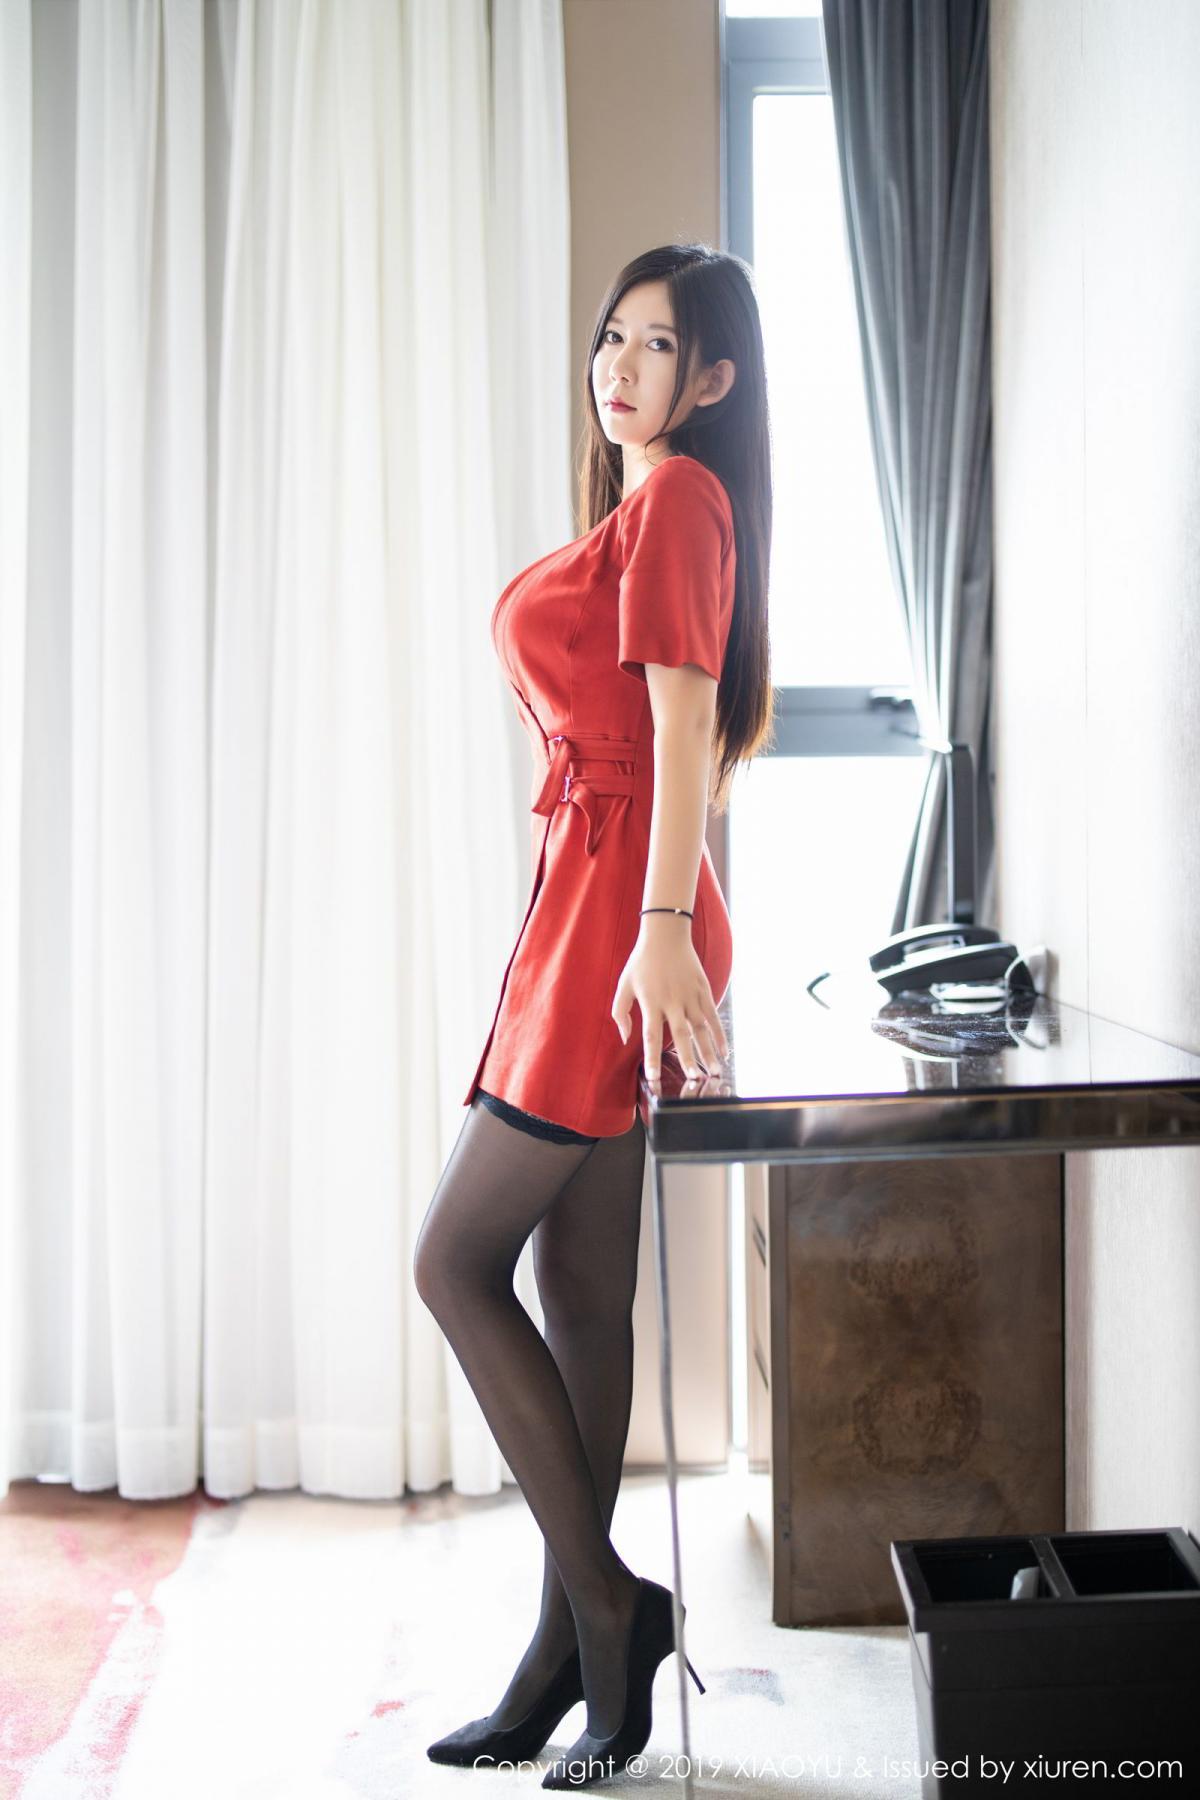 [XiaoYu] Vol.166 Li Ya 3P, Li Ya, Underwear, XiaoYu